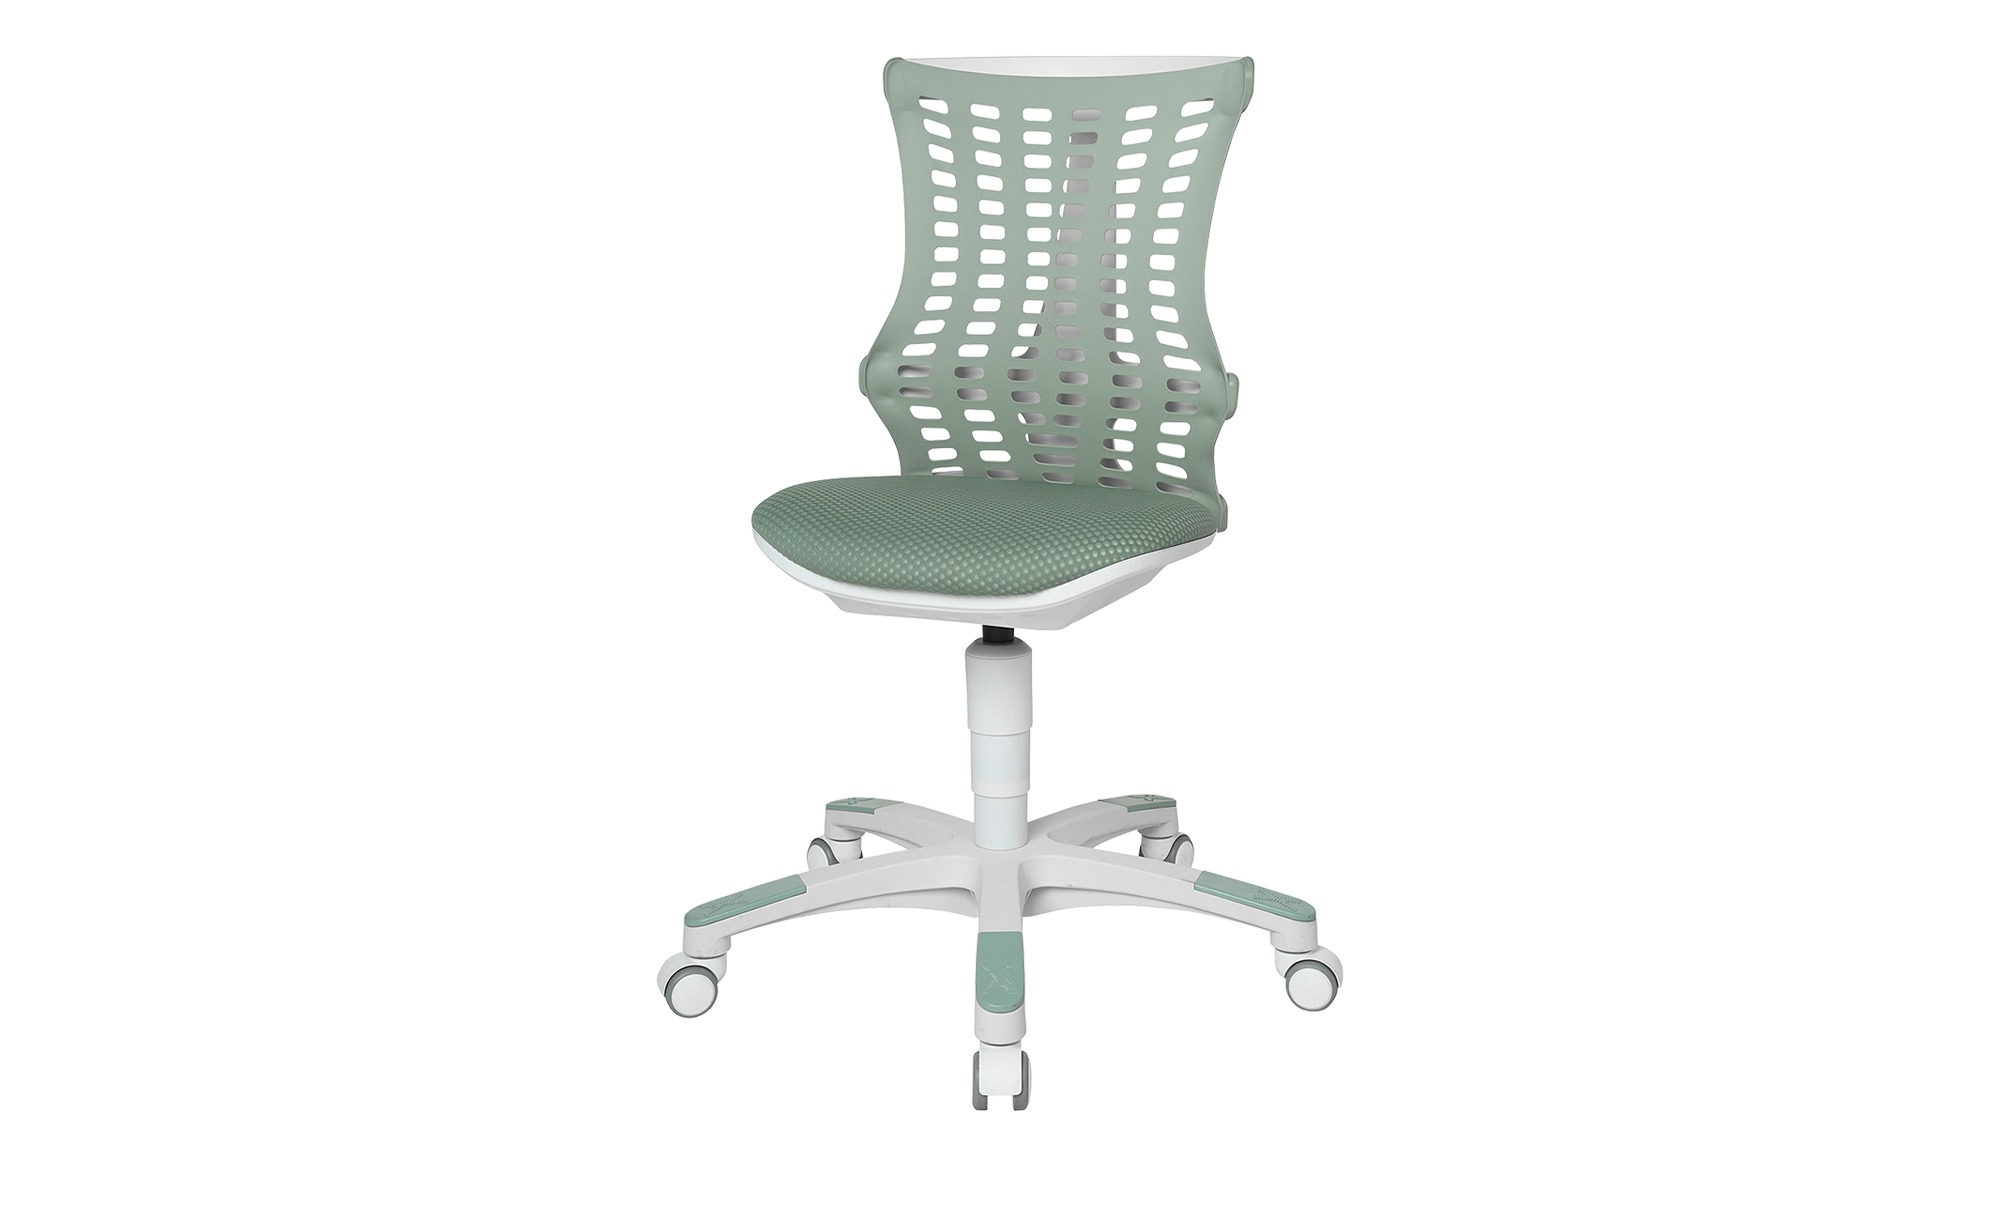 Sitness X Kinder- und Jugenddrehstuhl   Sitness X Chair 20 - grün - Stühle günstig online kaufen